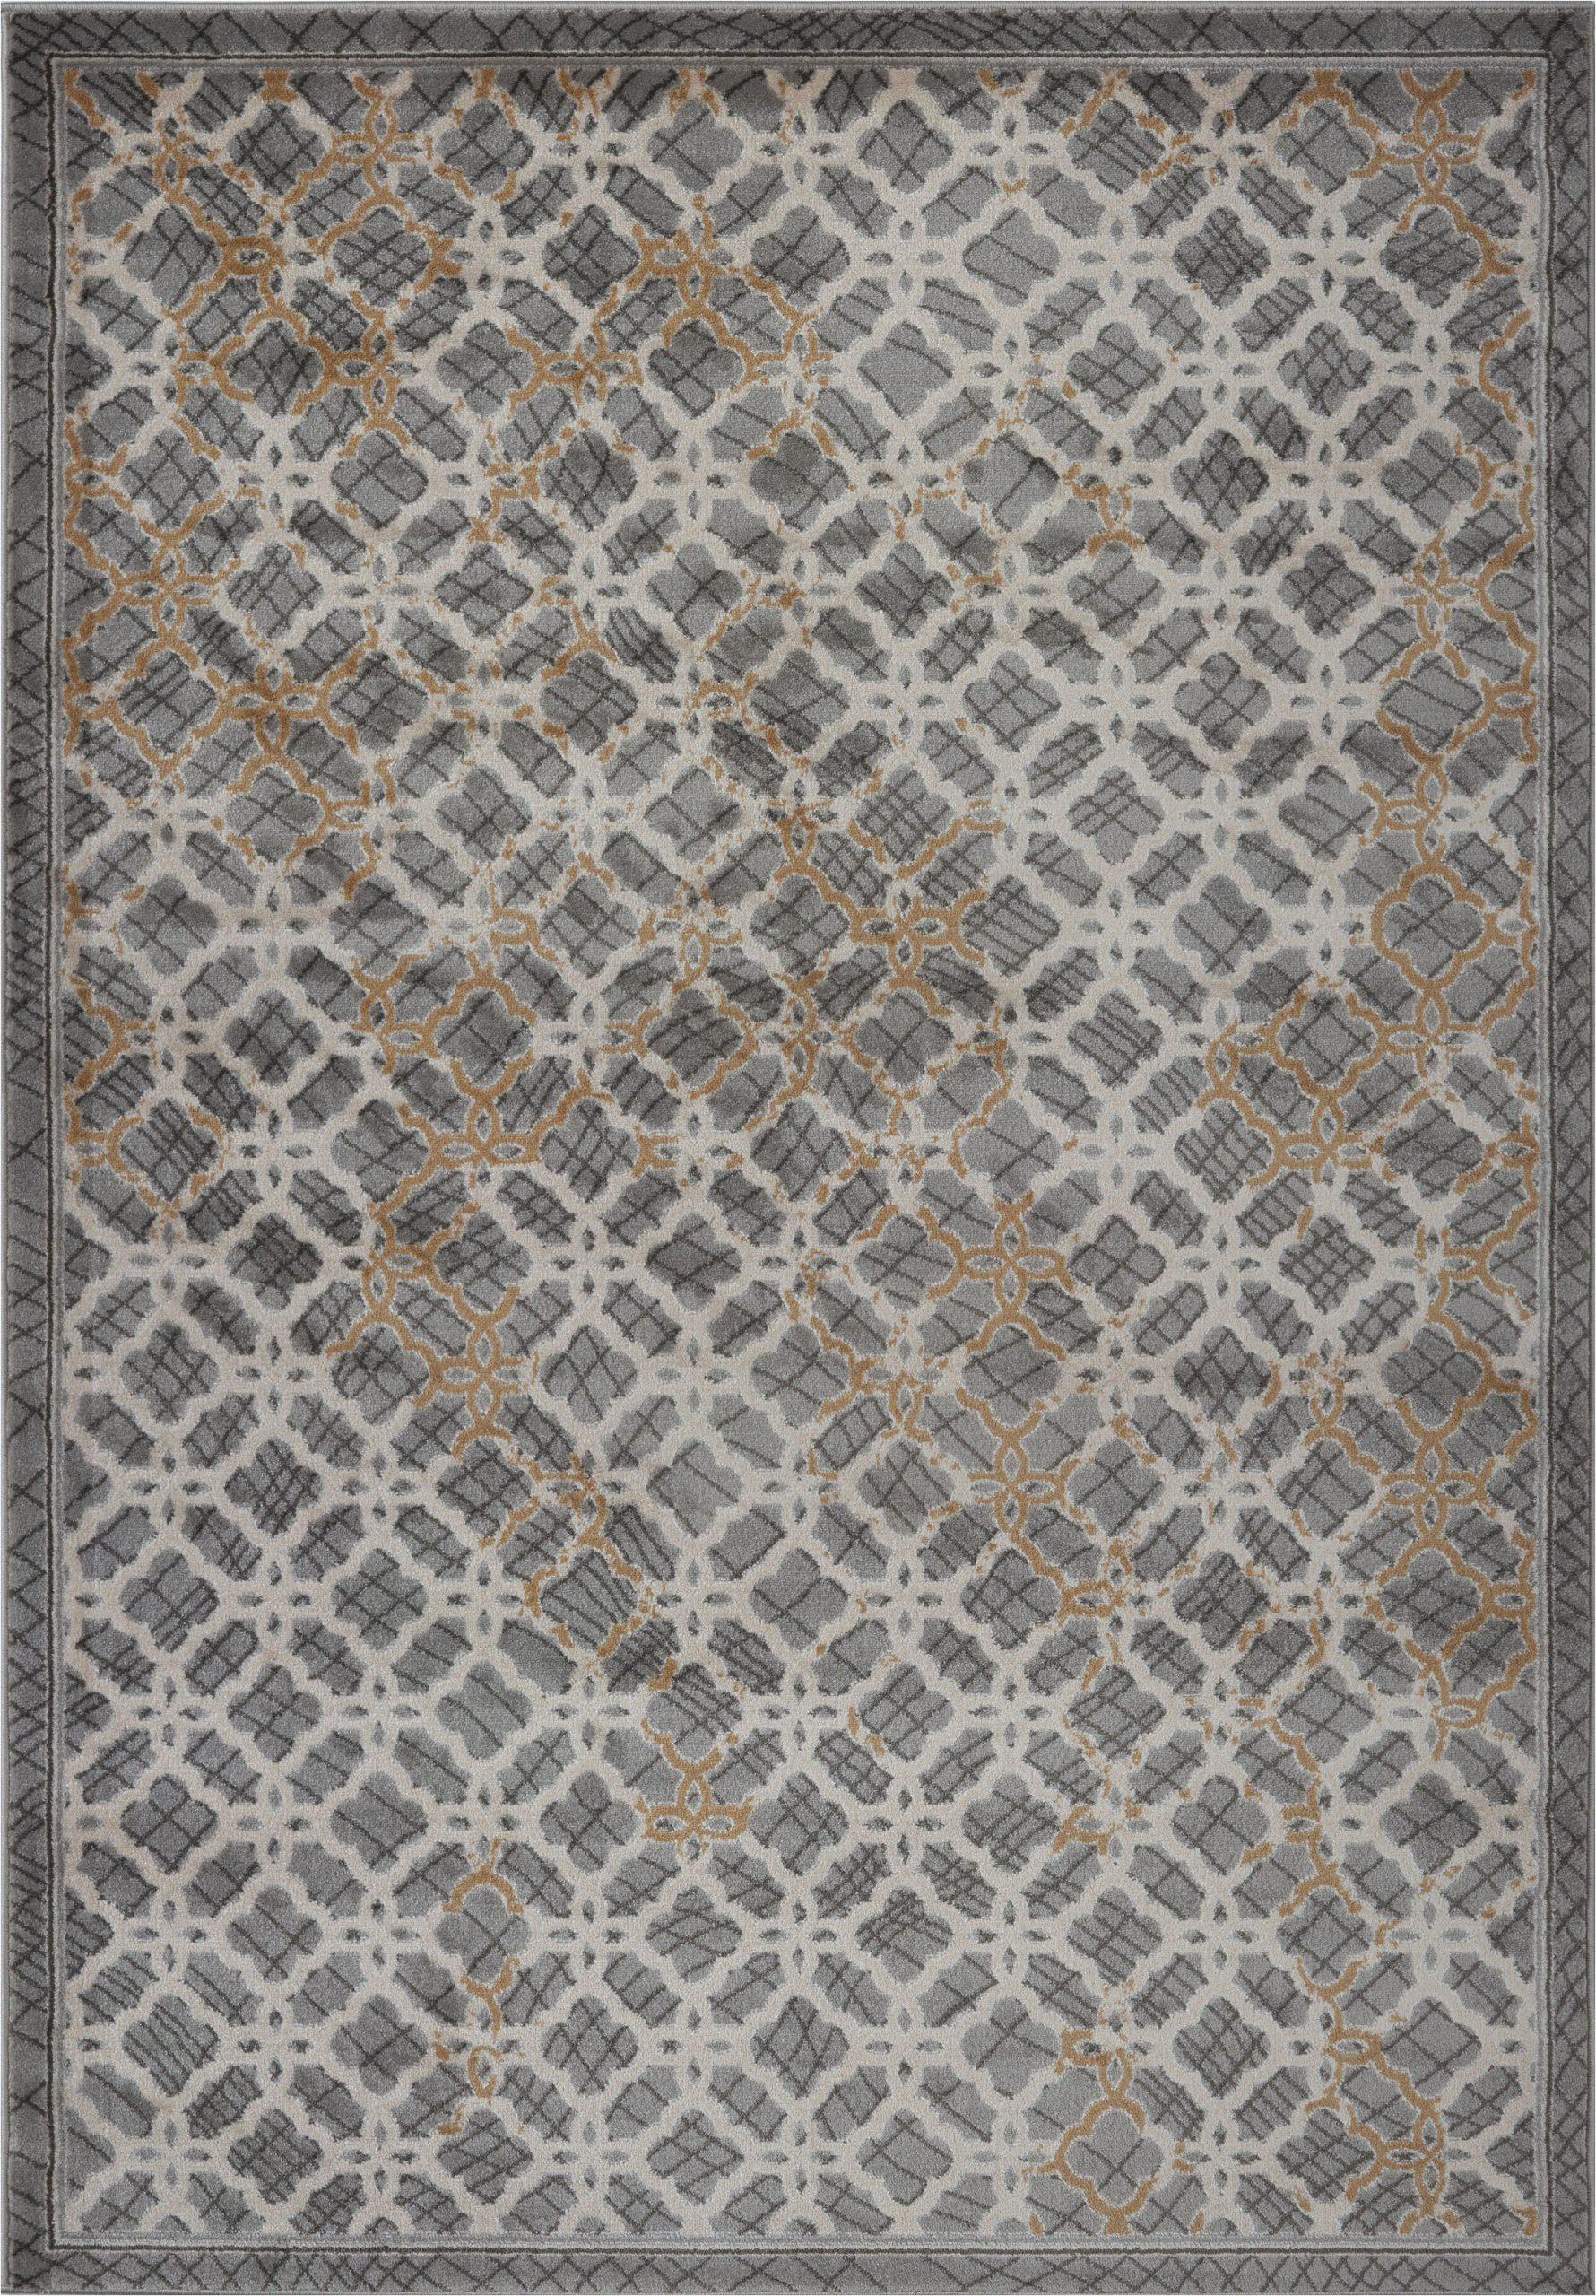 la dole rugs modern area rug 5 x 7 grey